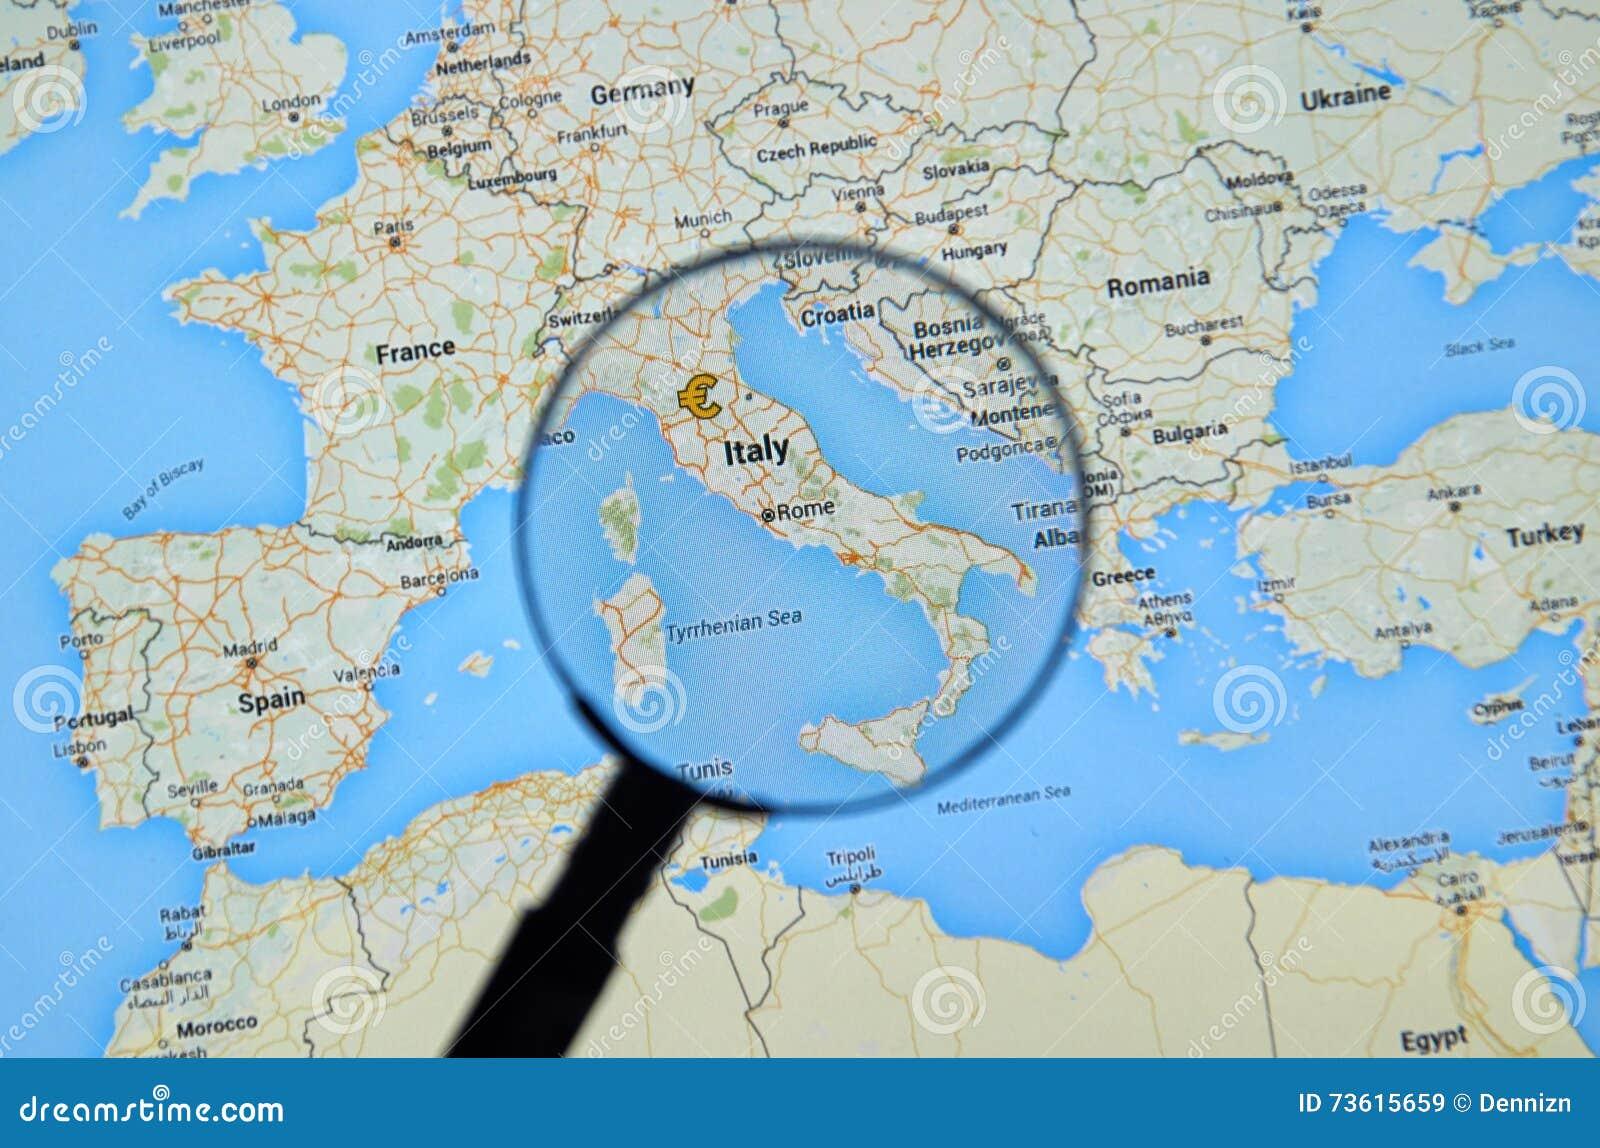 Cartina Italia Google Maps.Italia Em Google Maps Imagem De Stock Editorial Imagem De Internet 73615659